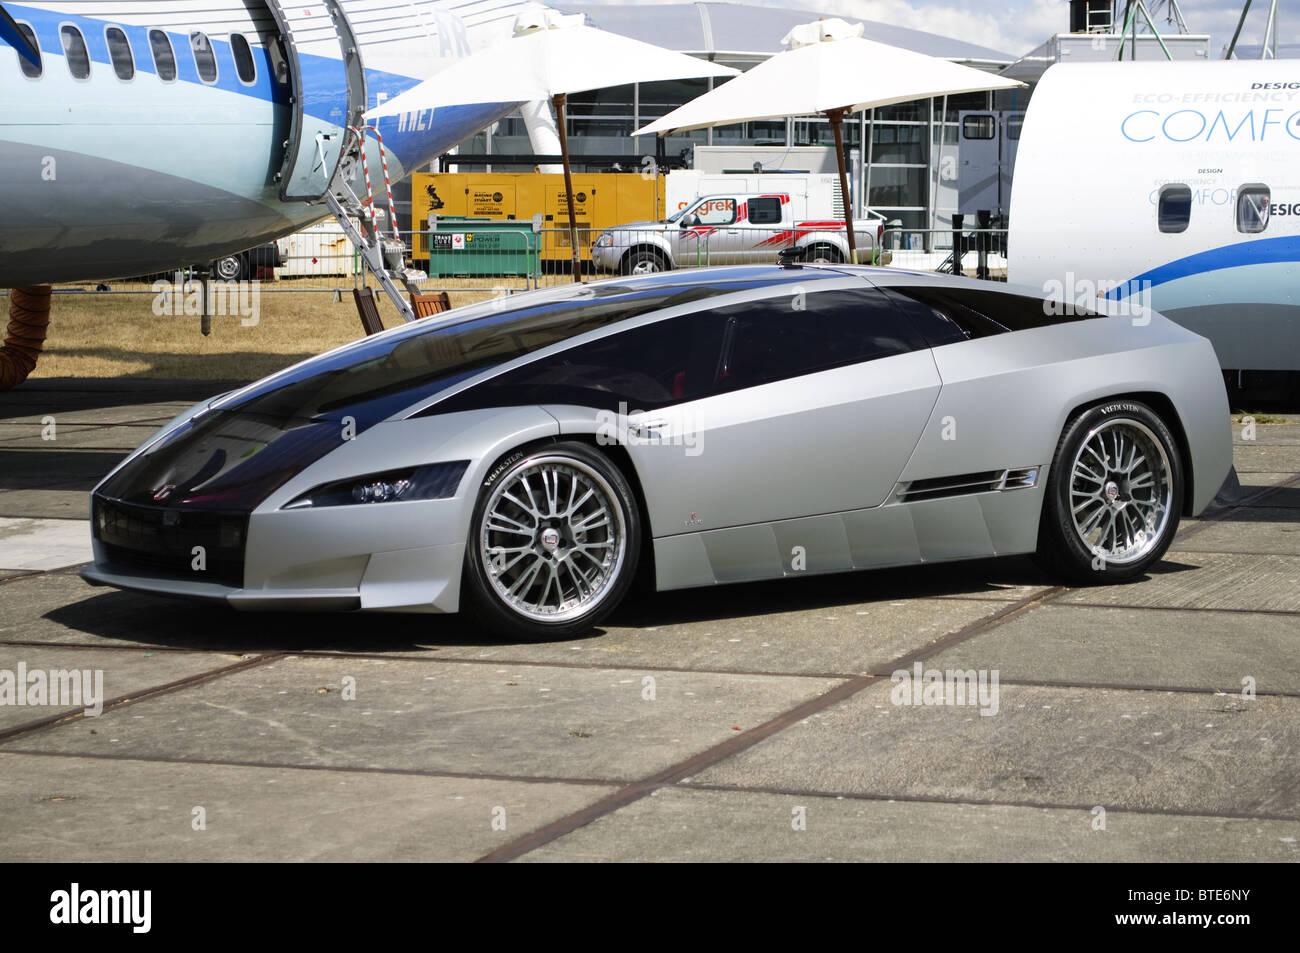 De propulsión híbrida Qaranta Italdesign concept car, diseñado por Fabrizio Giugiaro, en exhibición Imagen De Stock